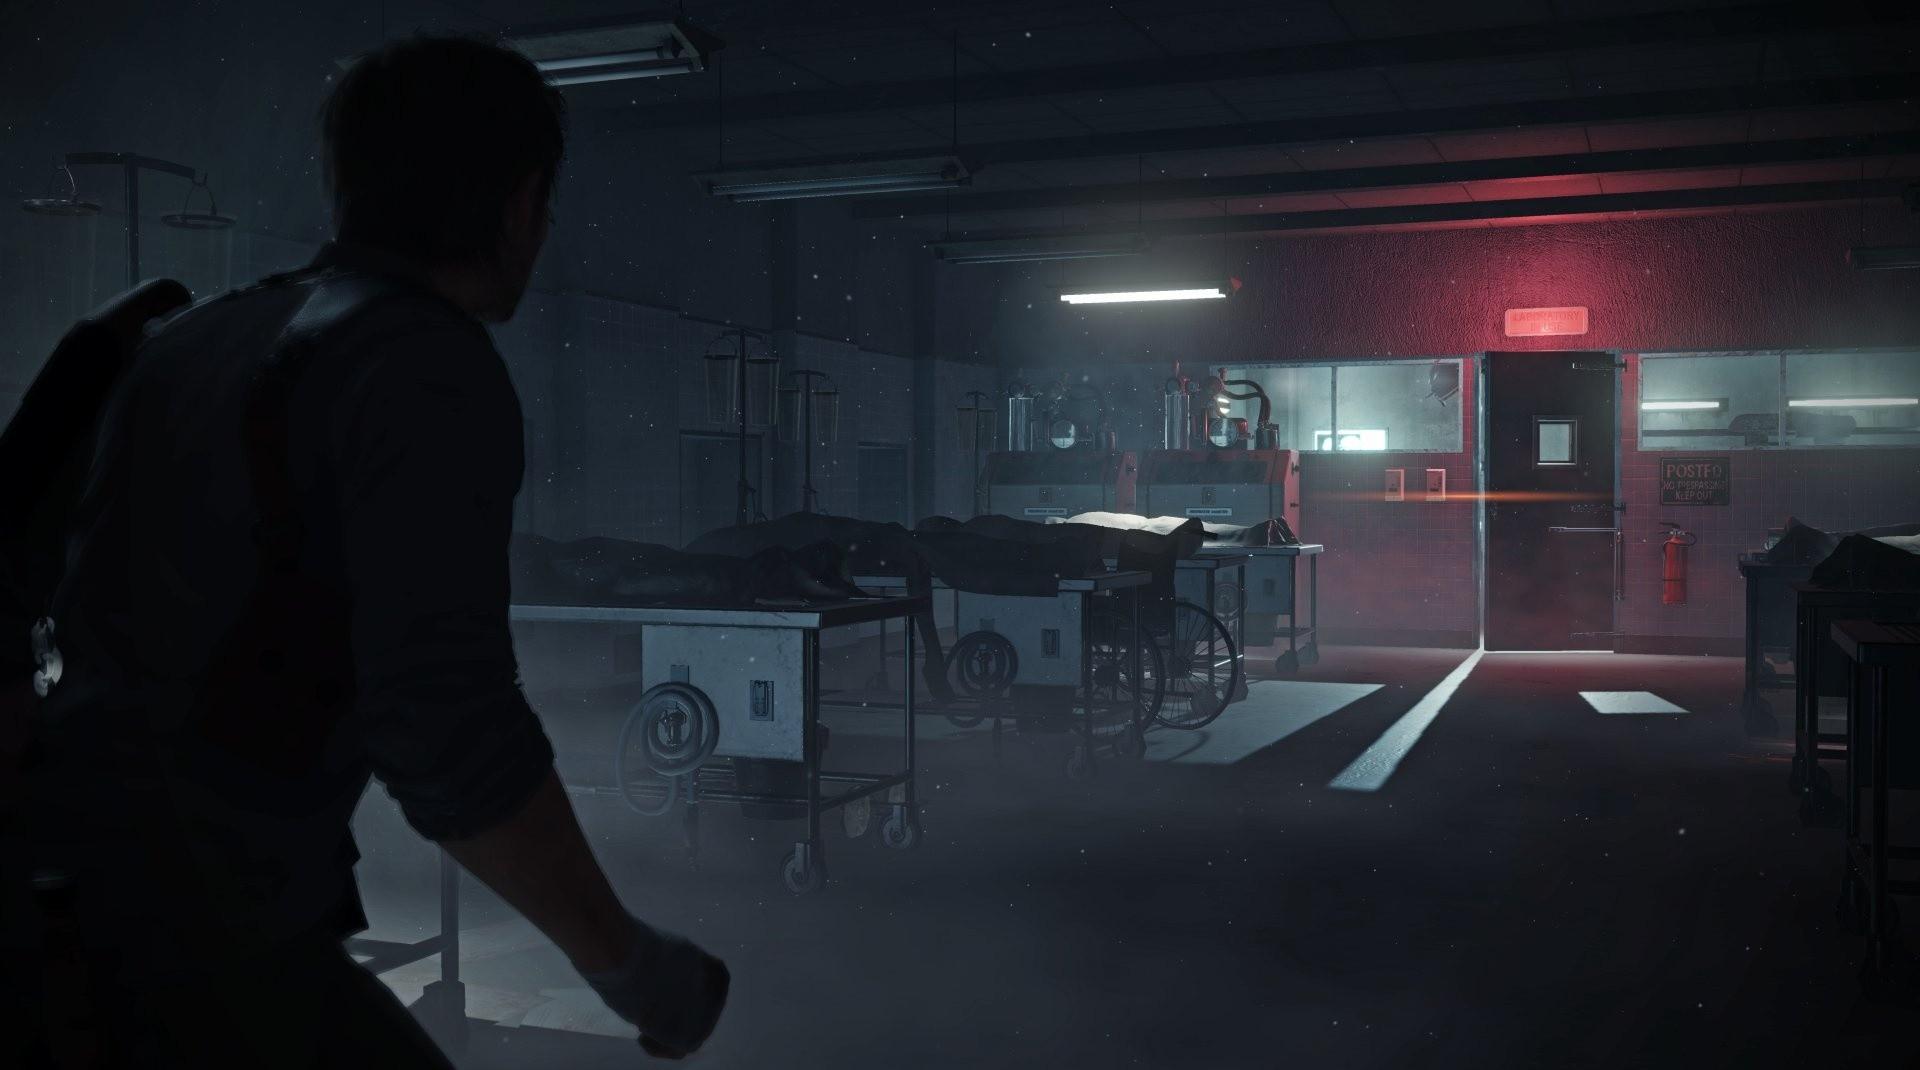 《恶灵附身2》游戏截图 恶灵附身2高清惊恐